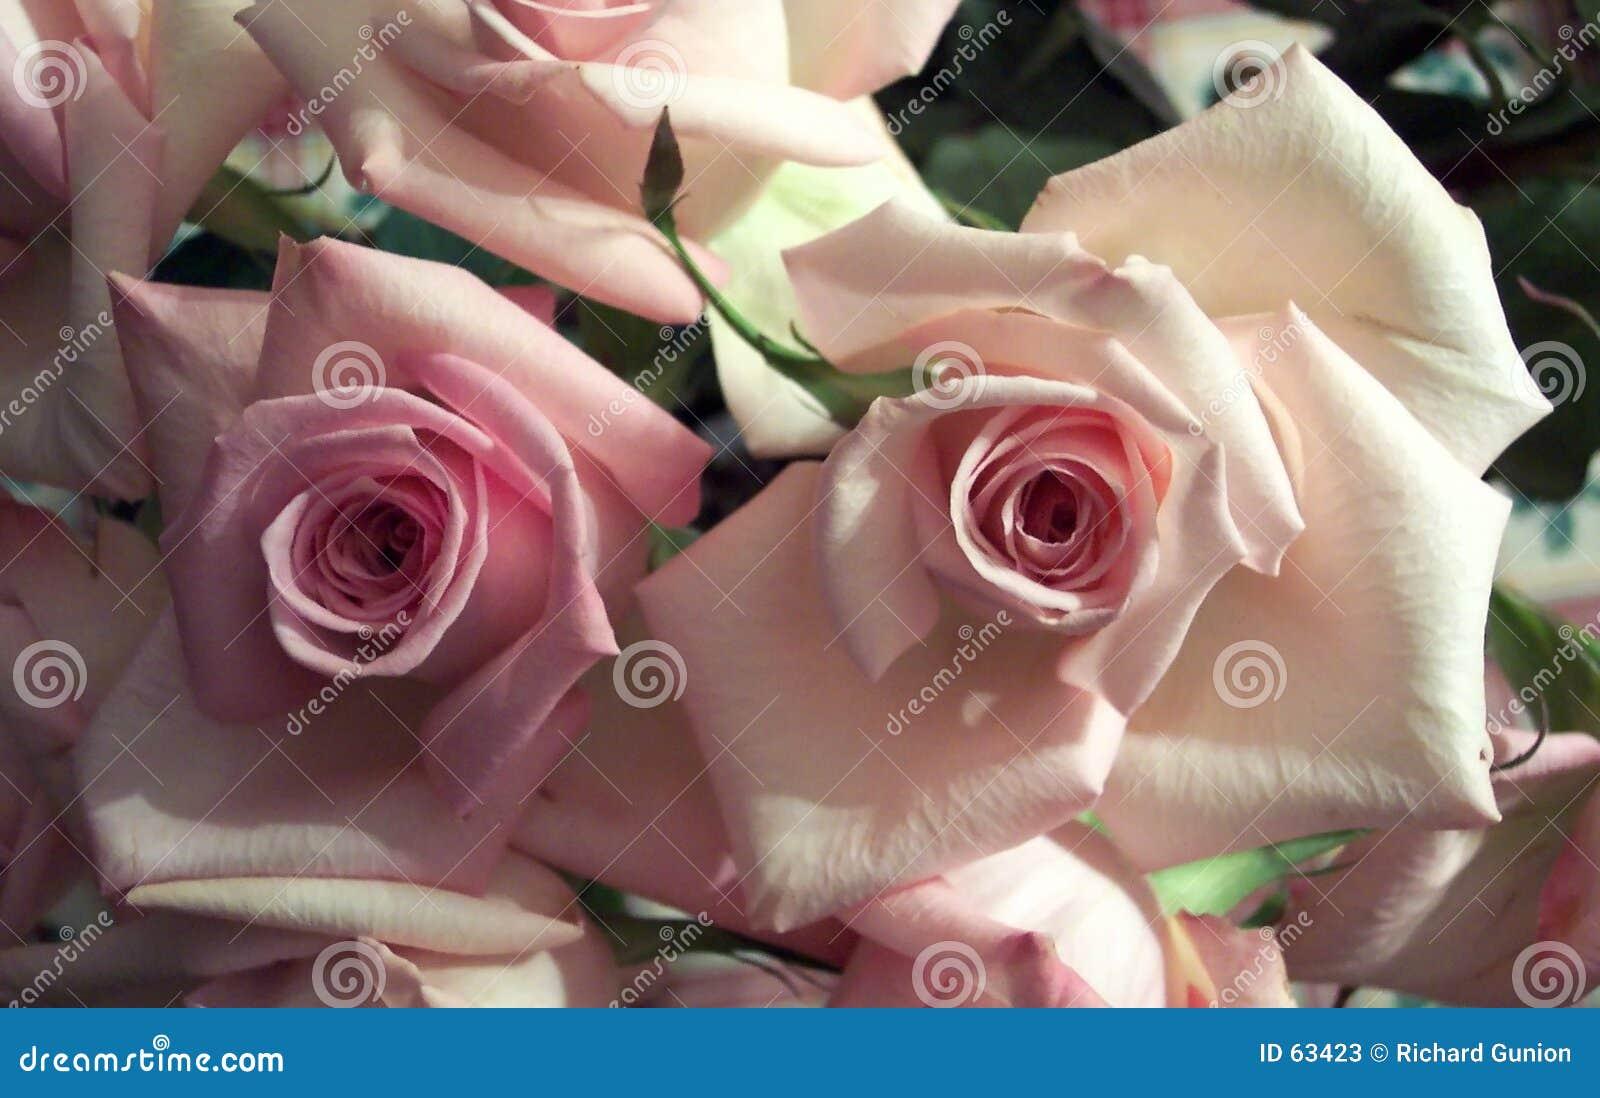 De Gift van de Dag van de valentijnskaart